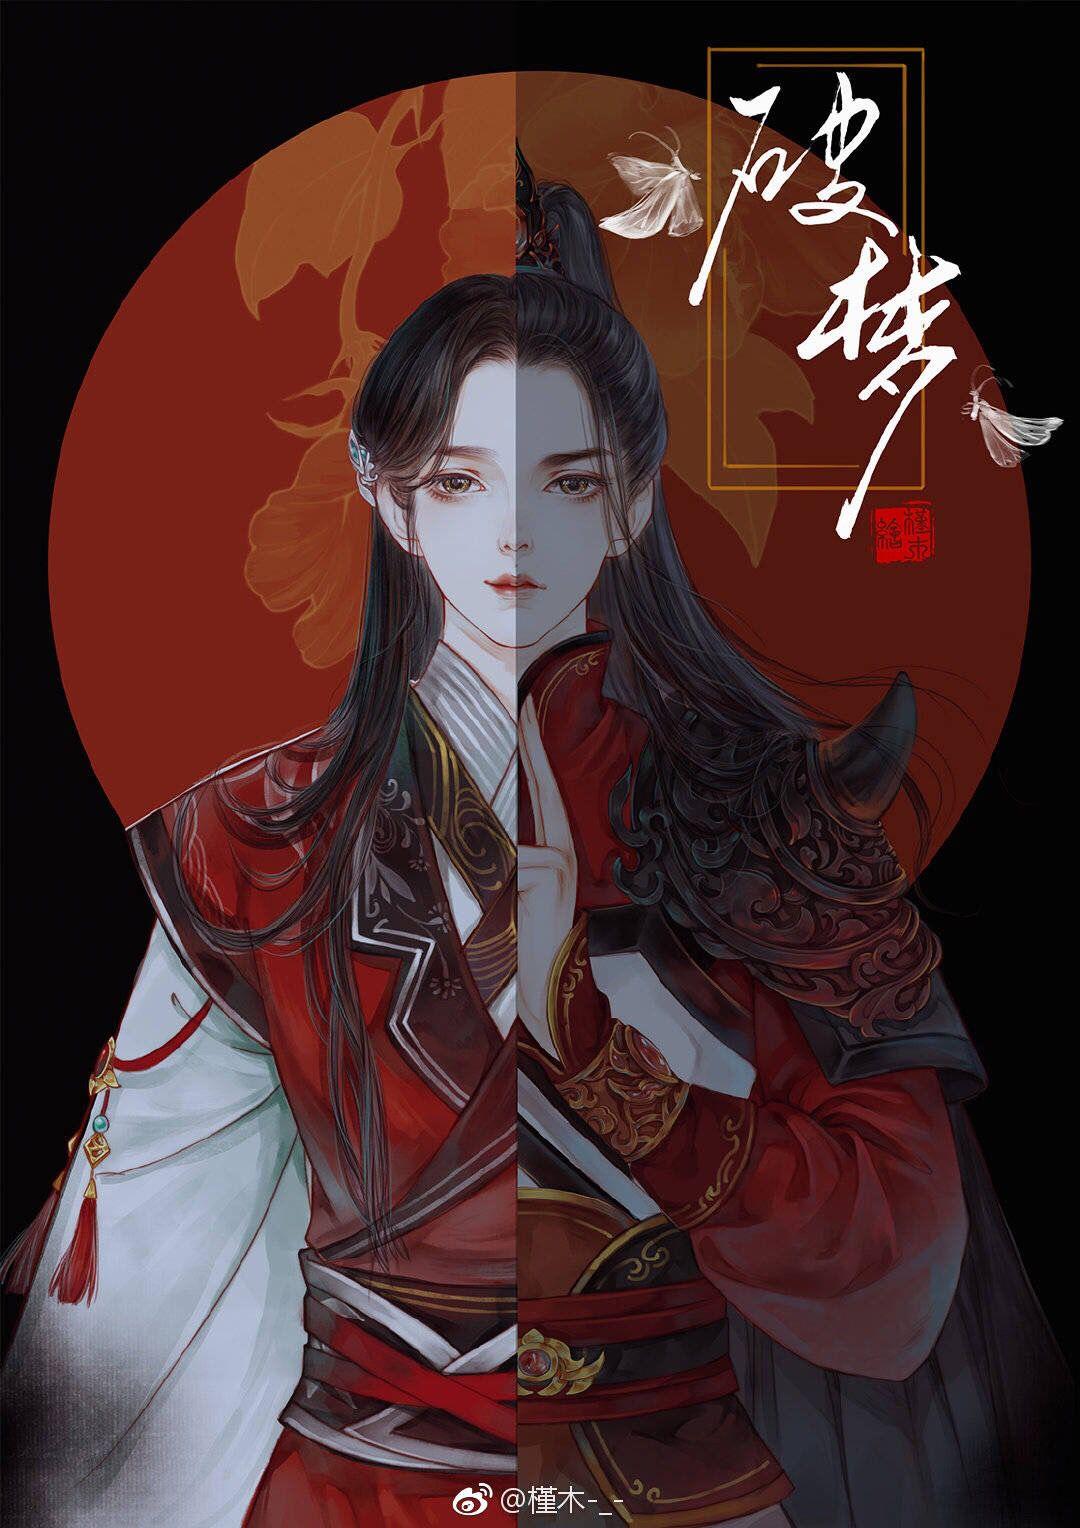 Ghim của Yue Fang trên 中国风 (Có hình ảnh) Anime, Nghệ